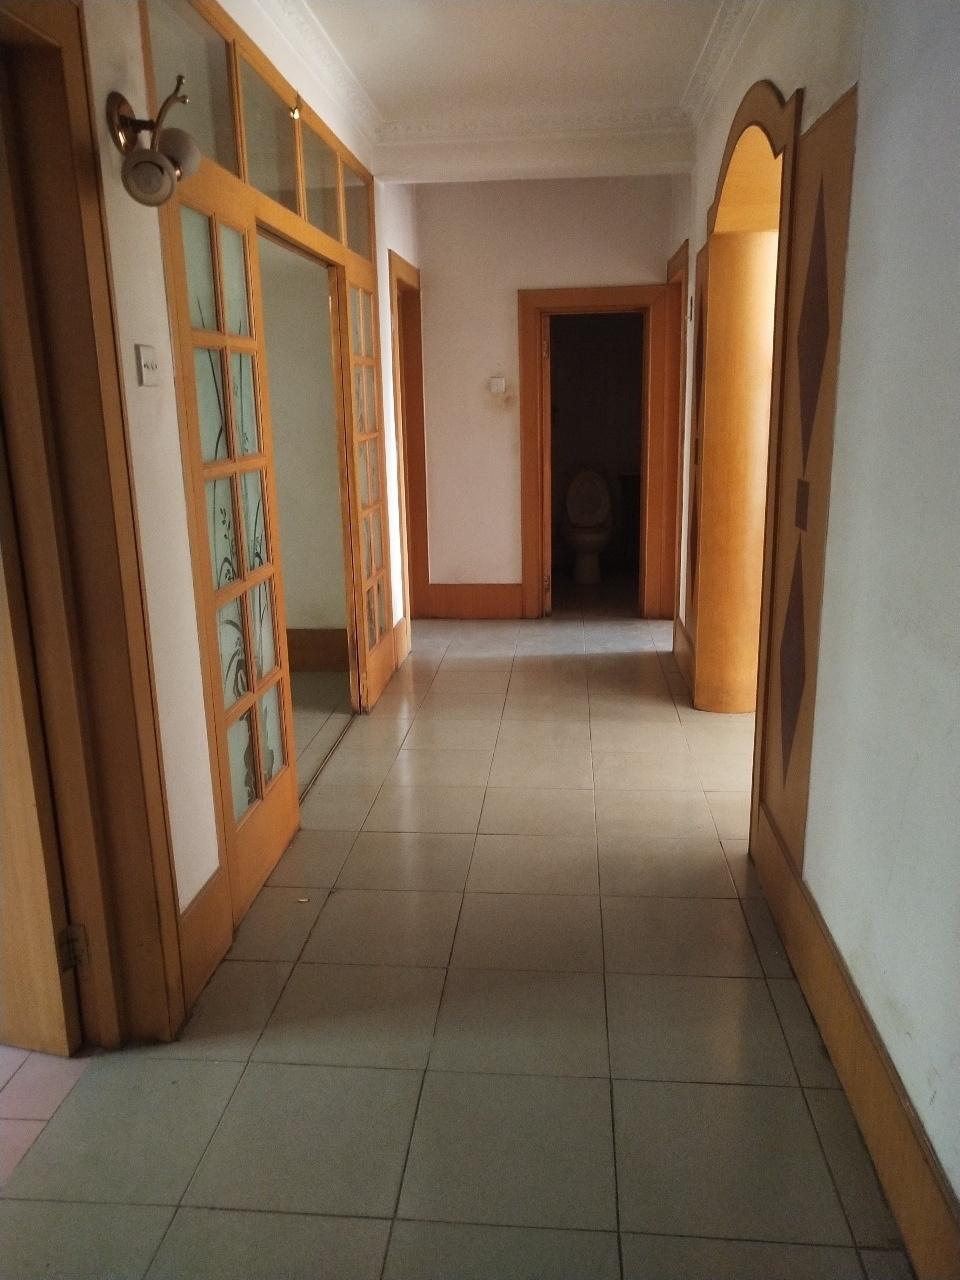 鑫苑小区3室有房本